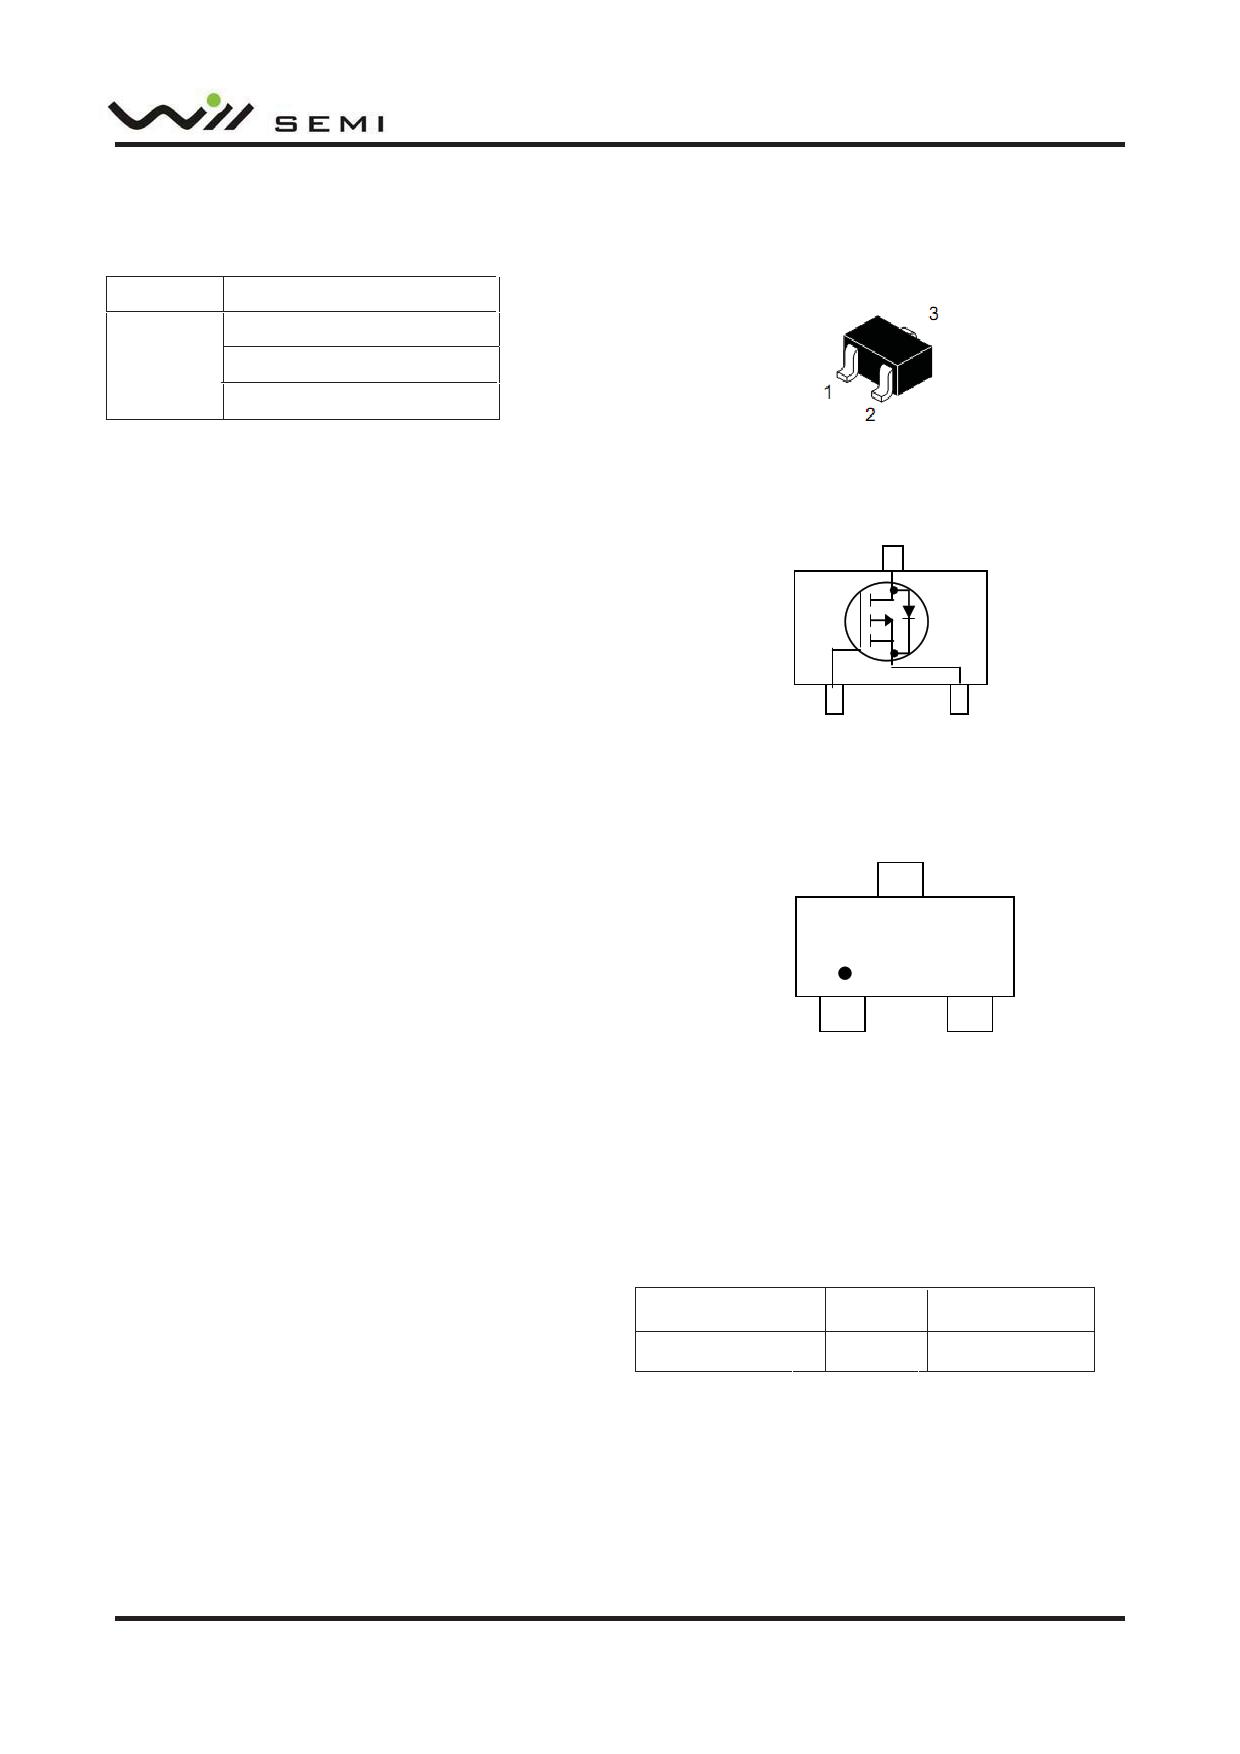 WPM2026 Hoja de datos, Descripción, Manual